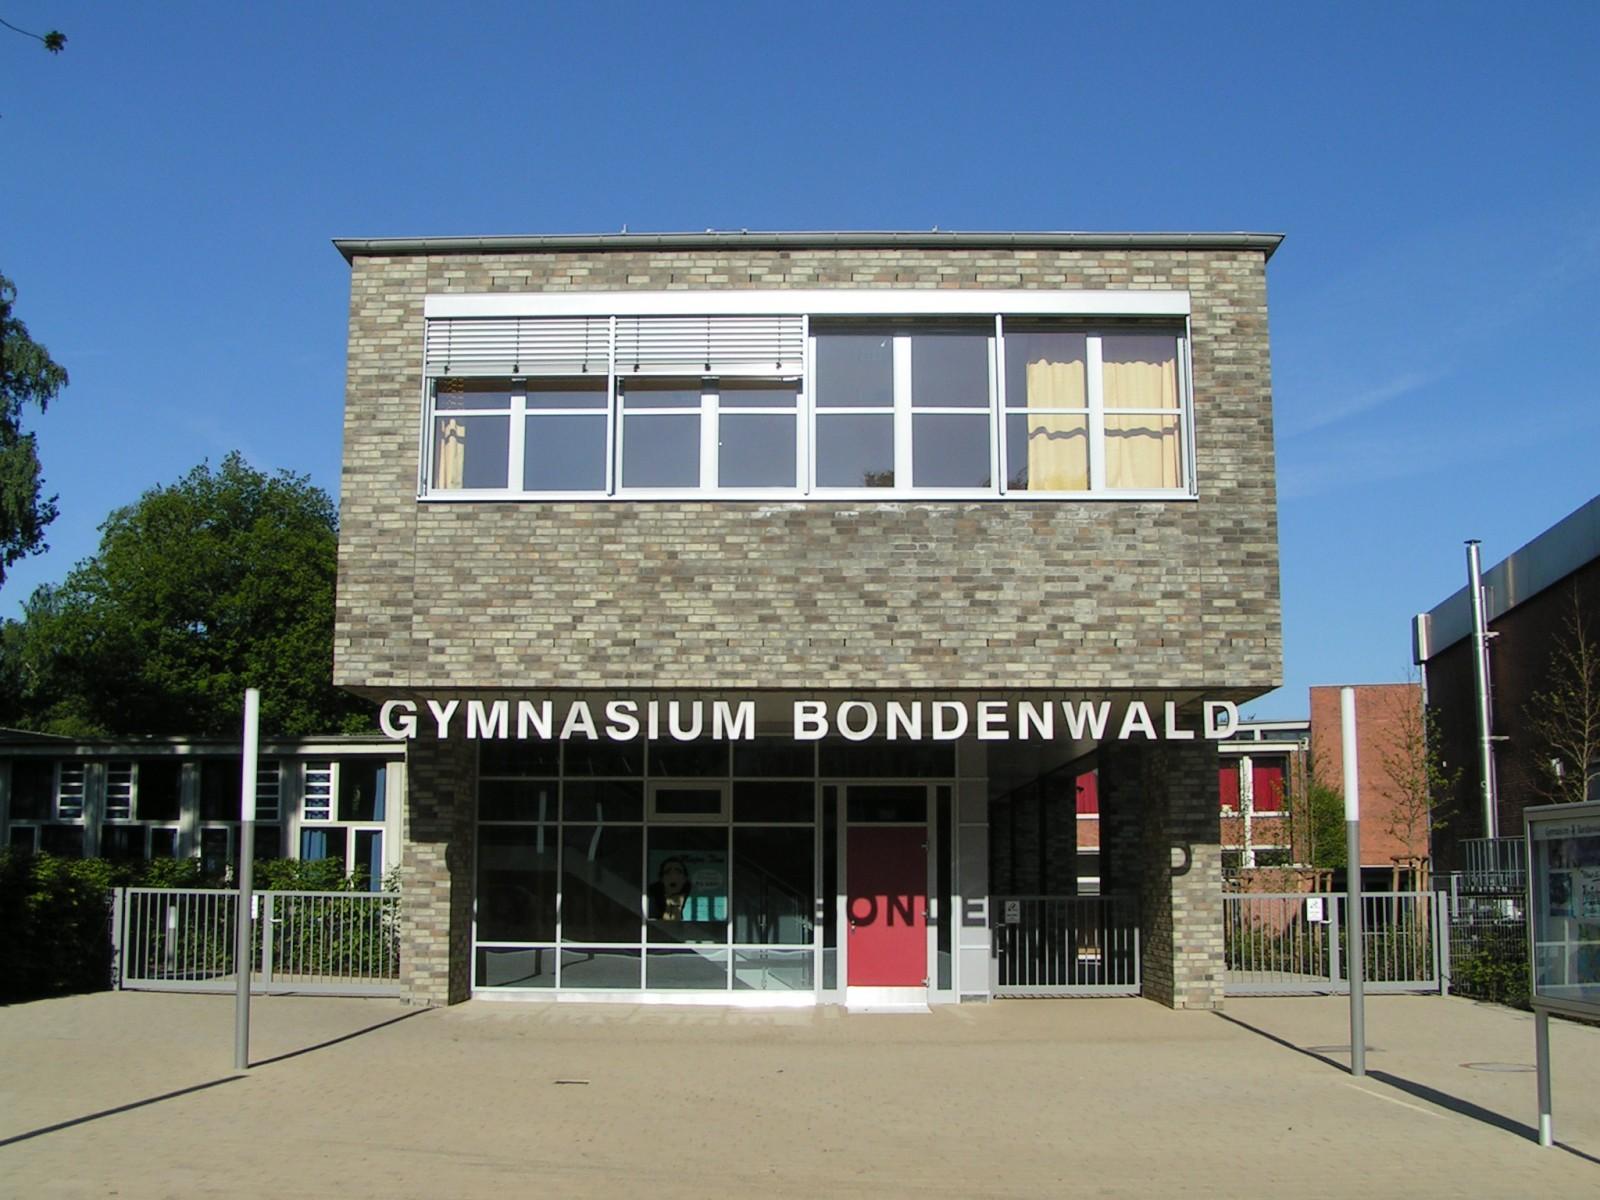 schulerweiterung-gymnasium-bondenwald-ansicht-neubau